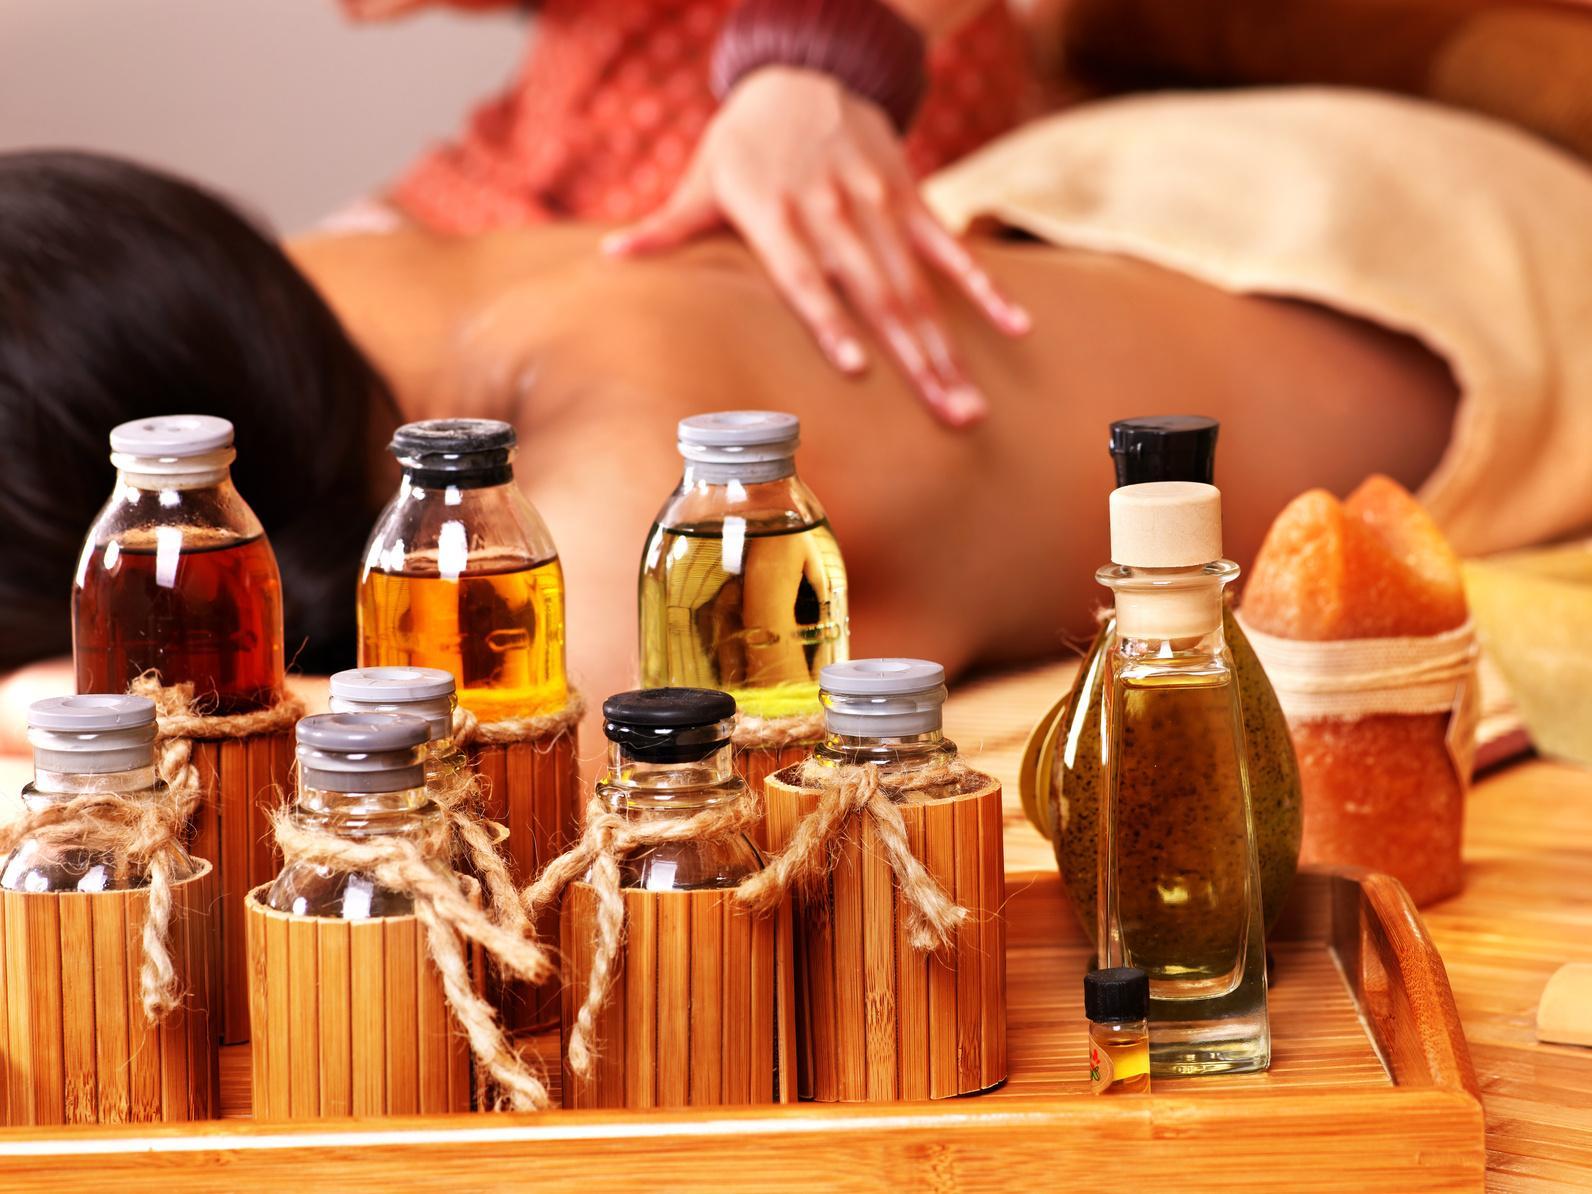 Состав масла для массажа своими руками